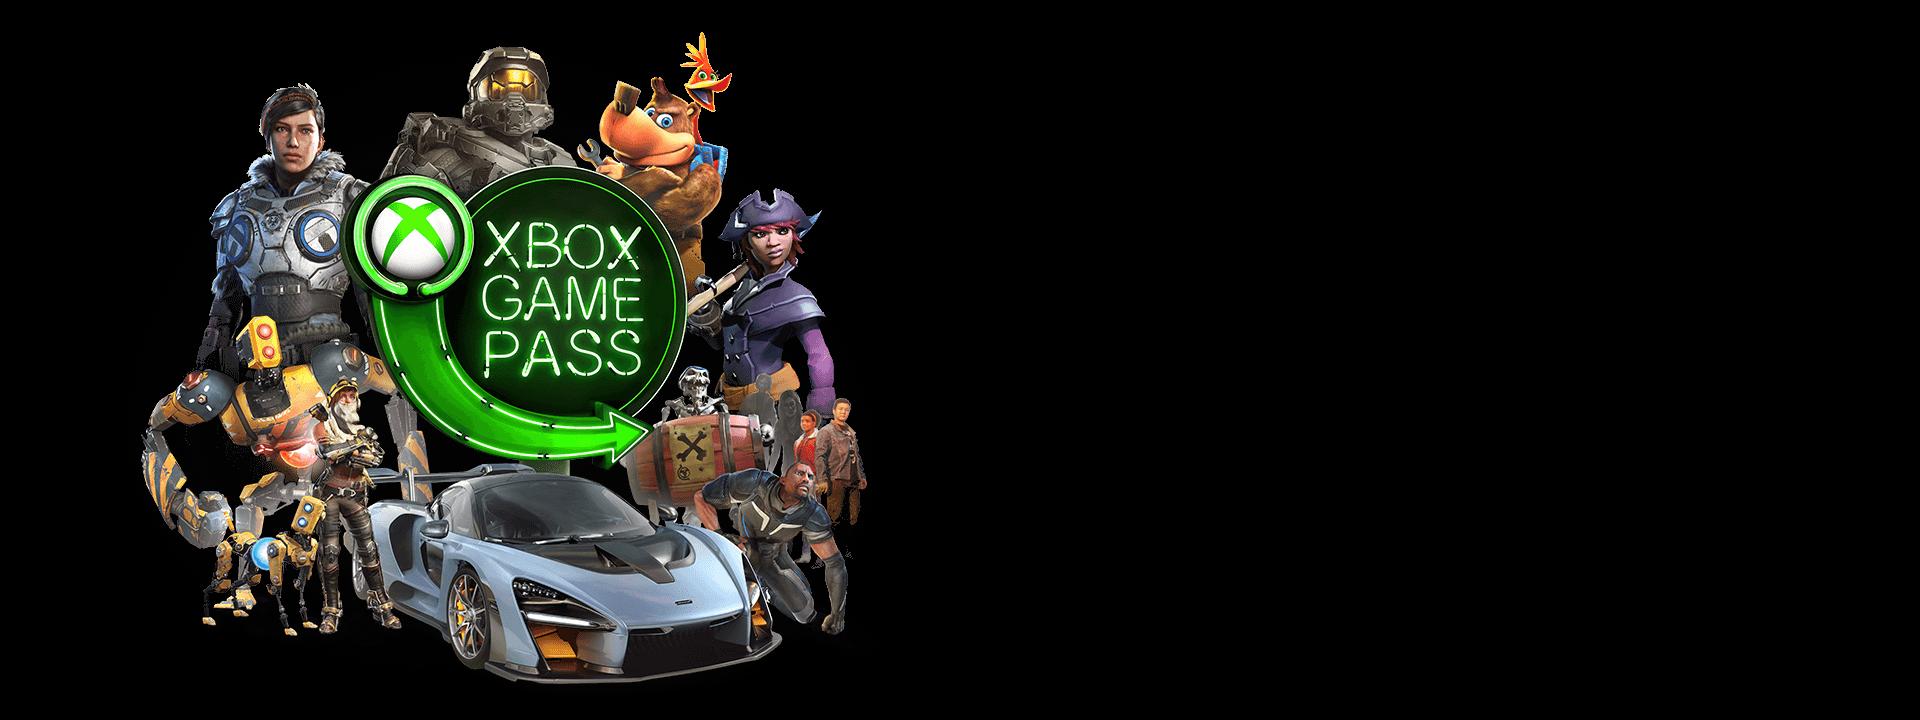 Логотип Xbox Game Pass в окружении множества персонажей из игр Microsoft